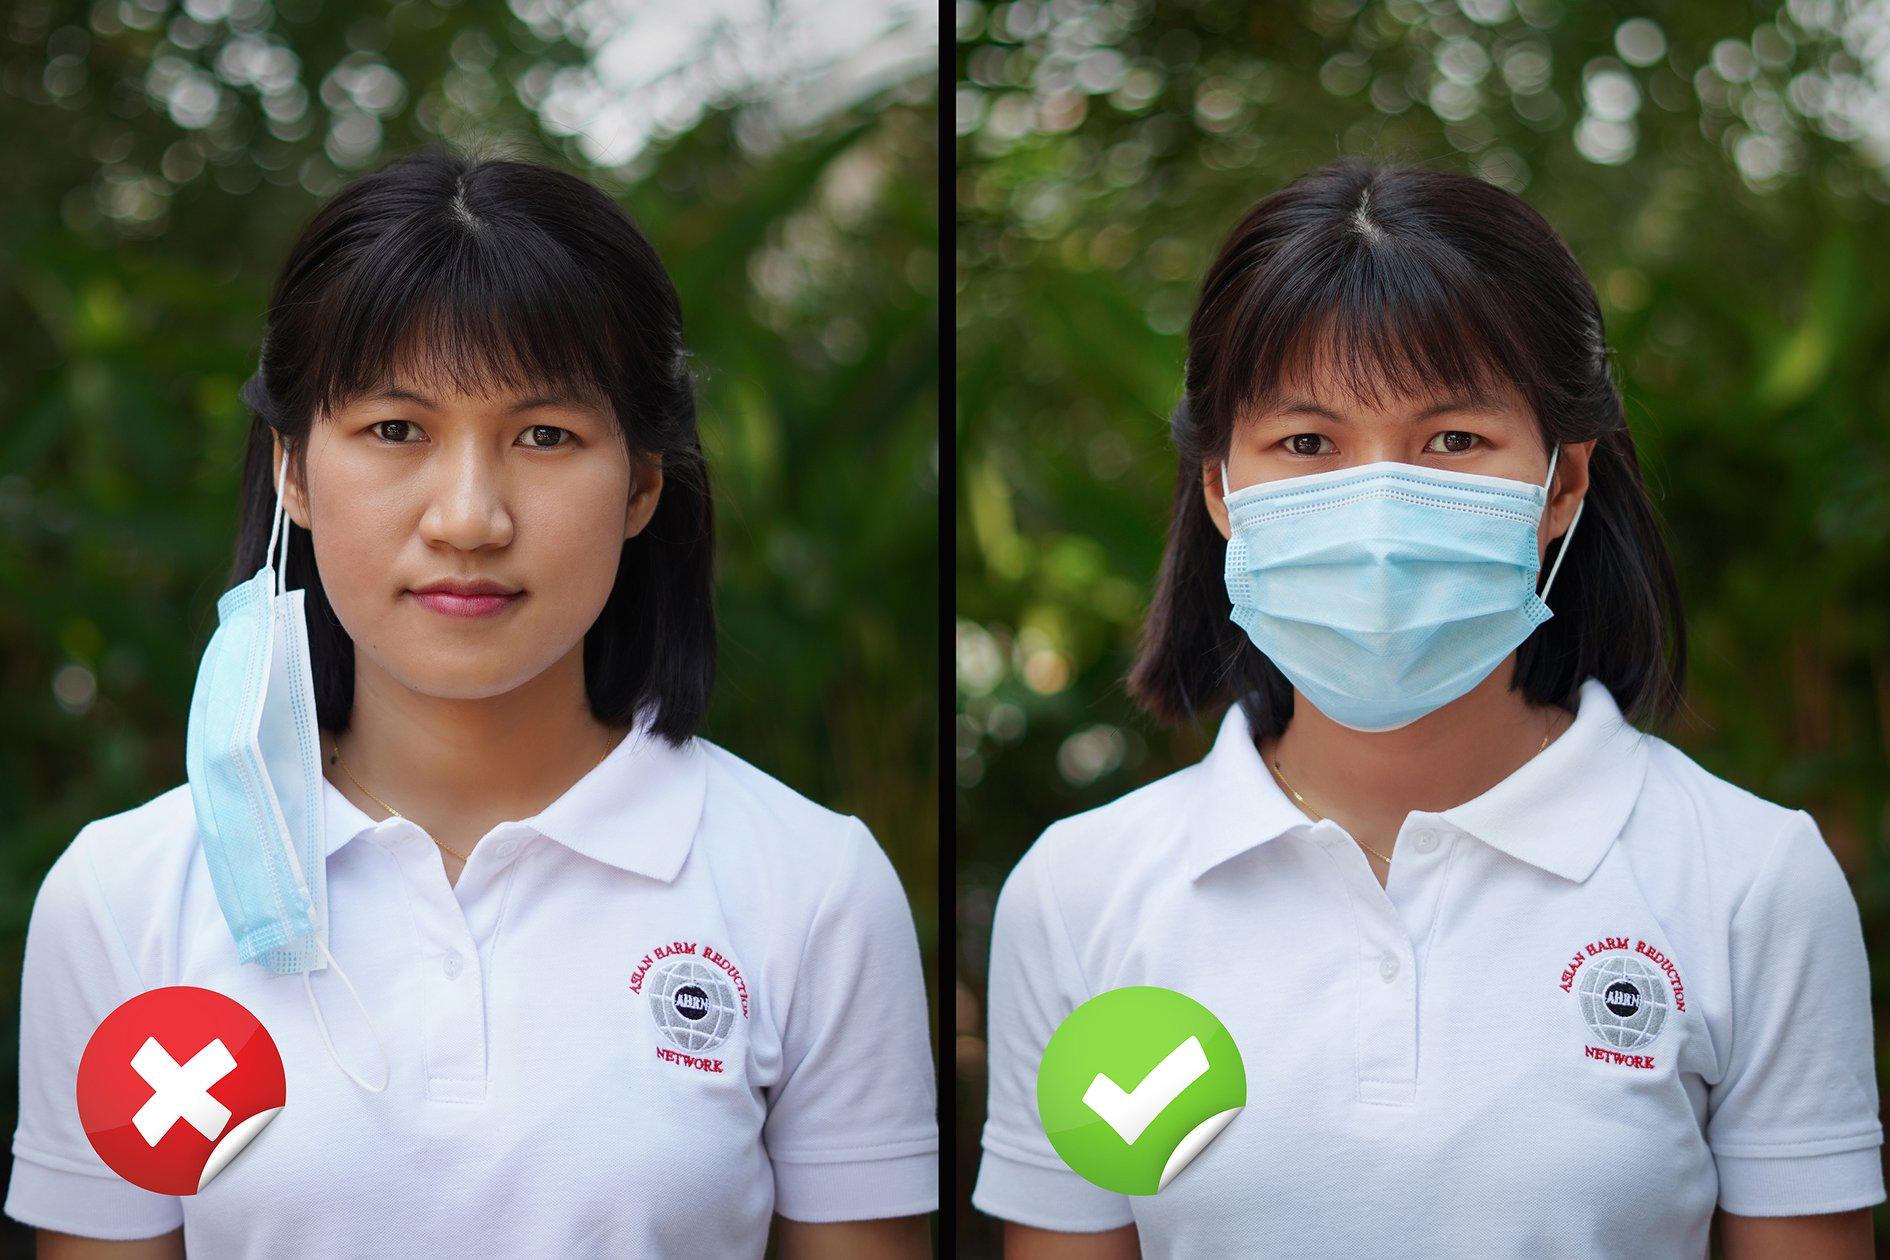 ပါးစပ်နှင့် နှာခေါင်းစည်းကို မတပ်ဆင်ဘဲ နားရွက်တွင် ချိတ်ထားခြင်း မပြုရ။ ပါးစပ်နှင့် နှာခေါင်းစည်းကို ဝတ်ဆင်ထားစဉ် တစ်ချိန်လုံး နှာခေါင်းနှင့် ပါးစပ်ကို လုံခြုံအောင် တပ်ဆင်ထားပါ။